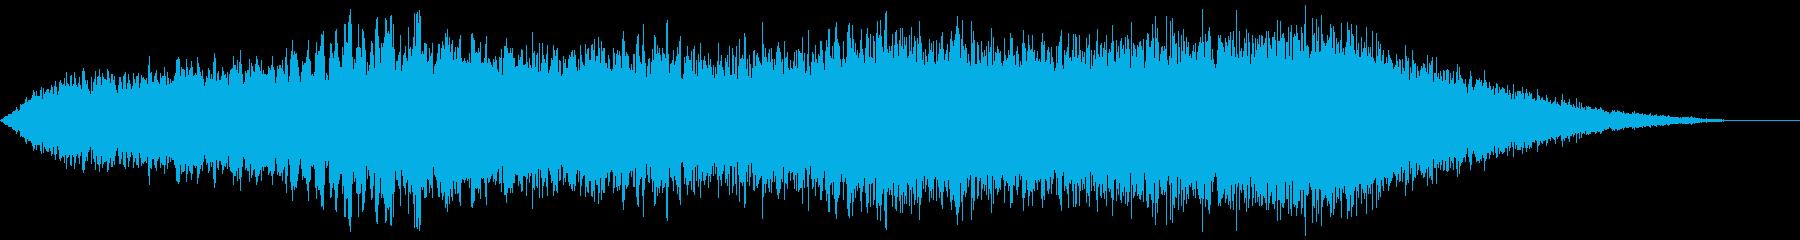 迫る緊迫感_CINEMATIC_12の再生済みの波形